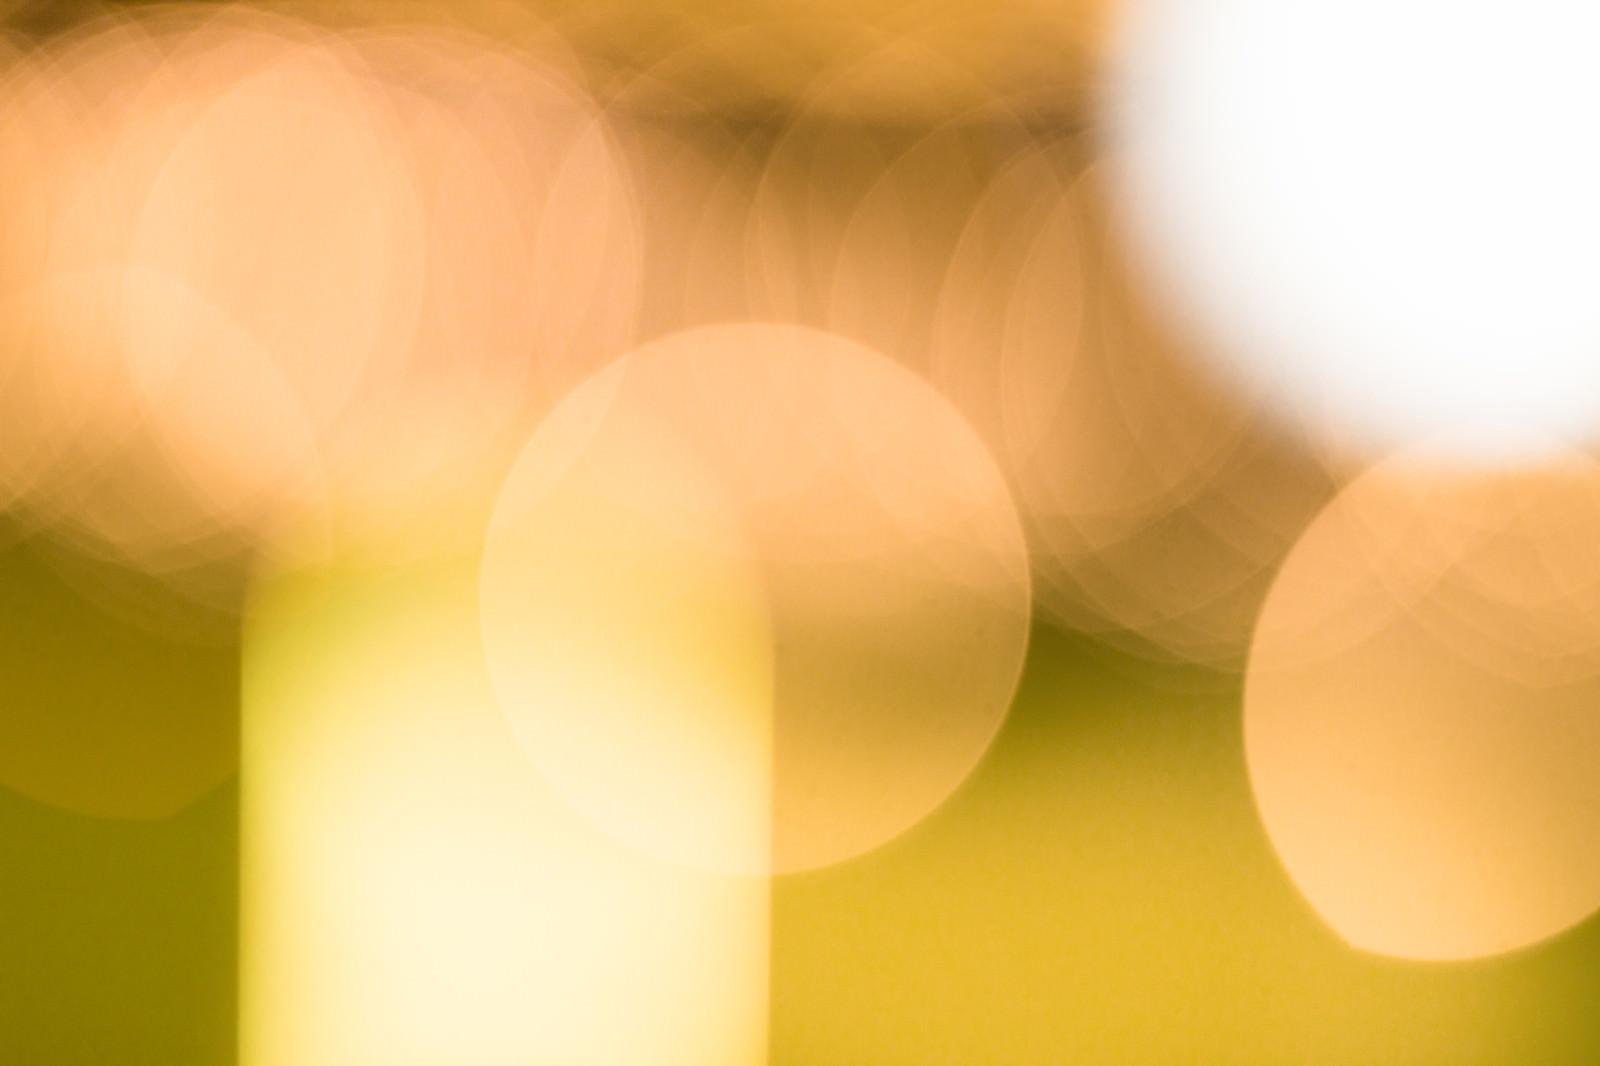 「暖色の丸ボケ」の写真